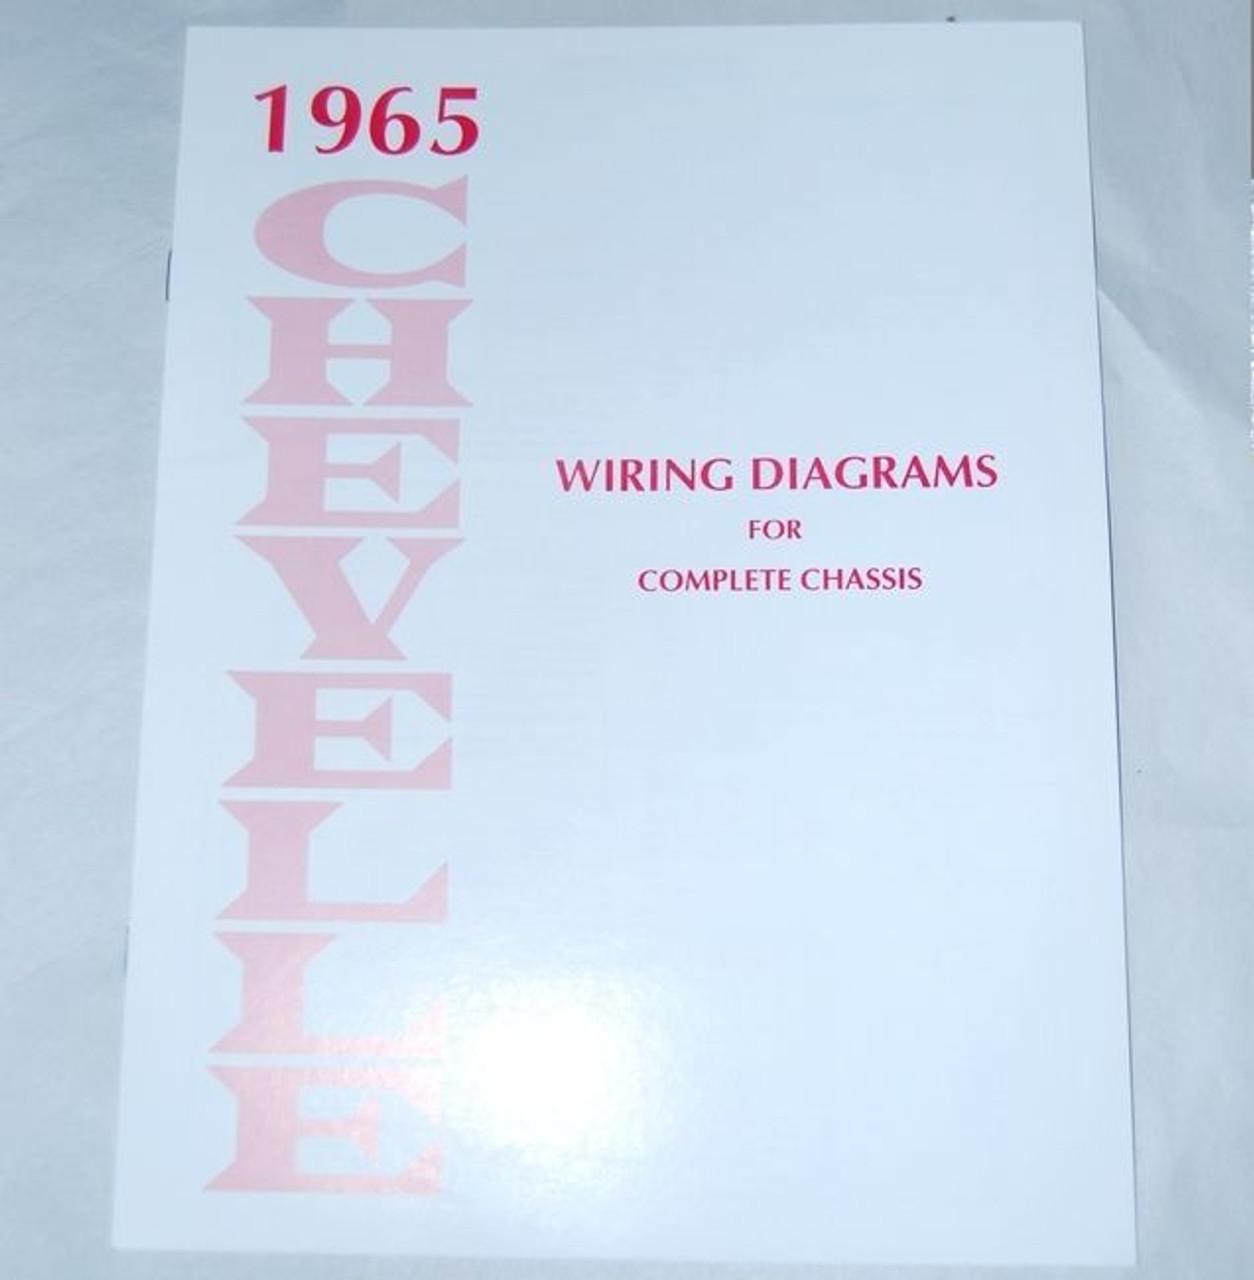 L1802_zpshcfh4k1r__61604.1443648966?c=2 1964 el camino wiring diagram 1970 el camino wiring diagram, 1972 1968 el camino wiring diagram at panicattacktreatment.co